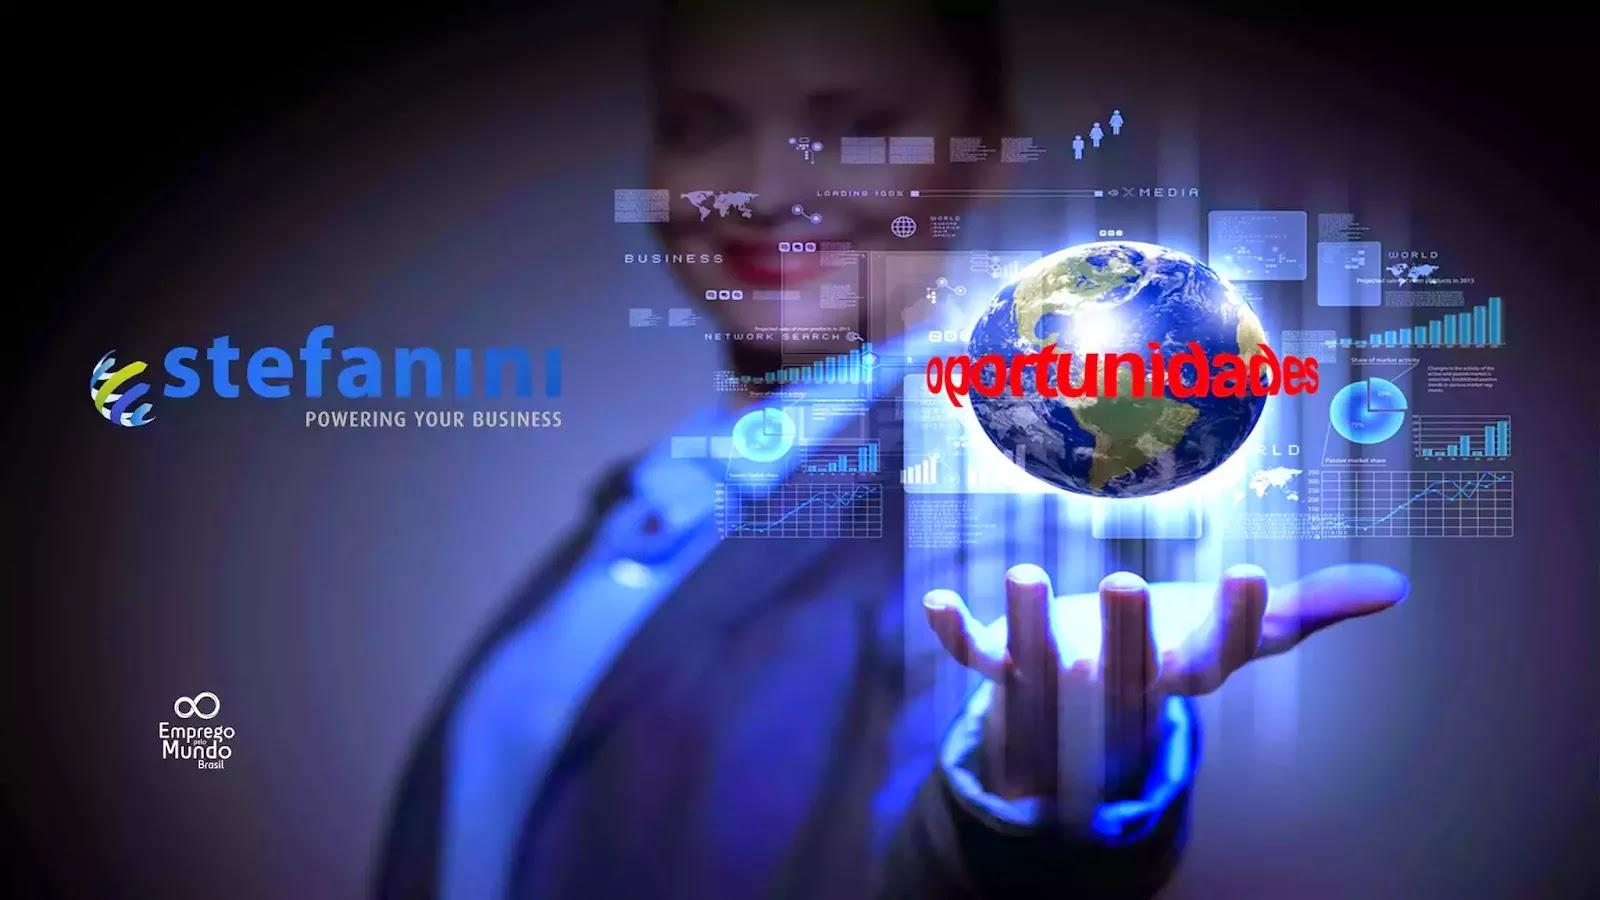 Stefanini é uma multinacional da área de TI